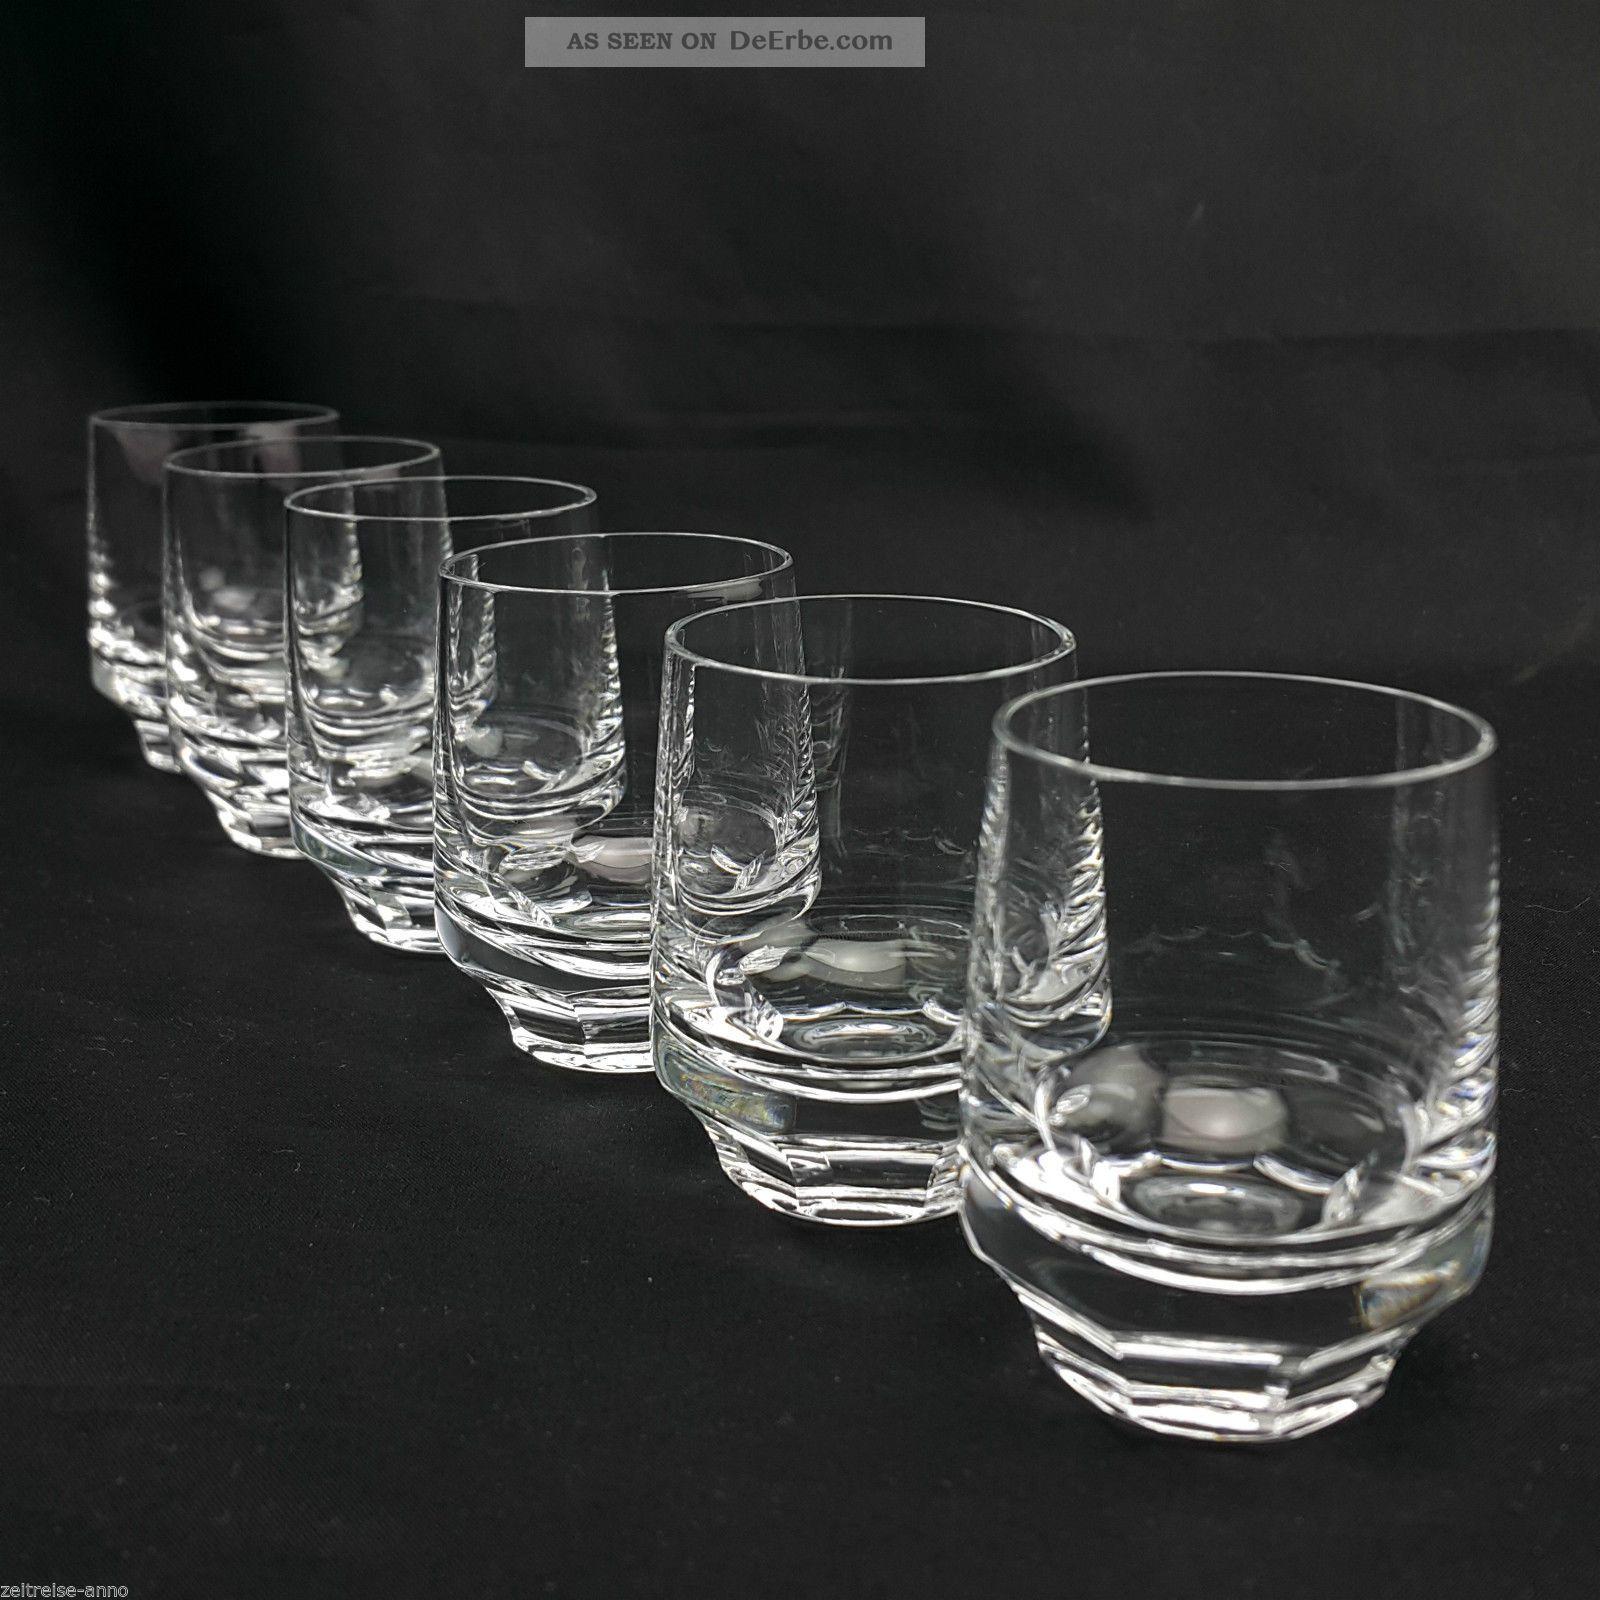 6 Schnapsgläser Gral Glashütte Juwel Schnapsglas Zeitlos Modern 60 /70er Design Kristall Bild